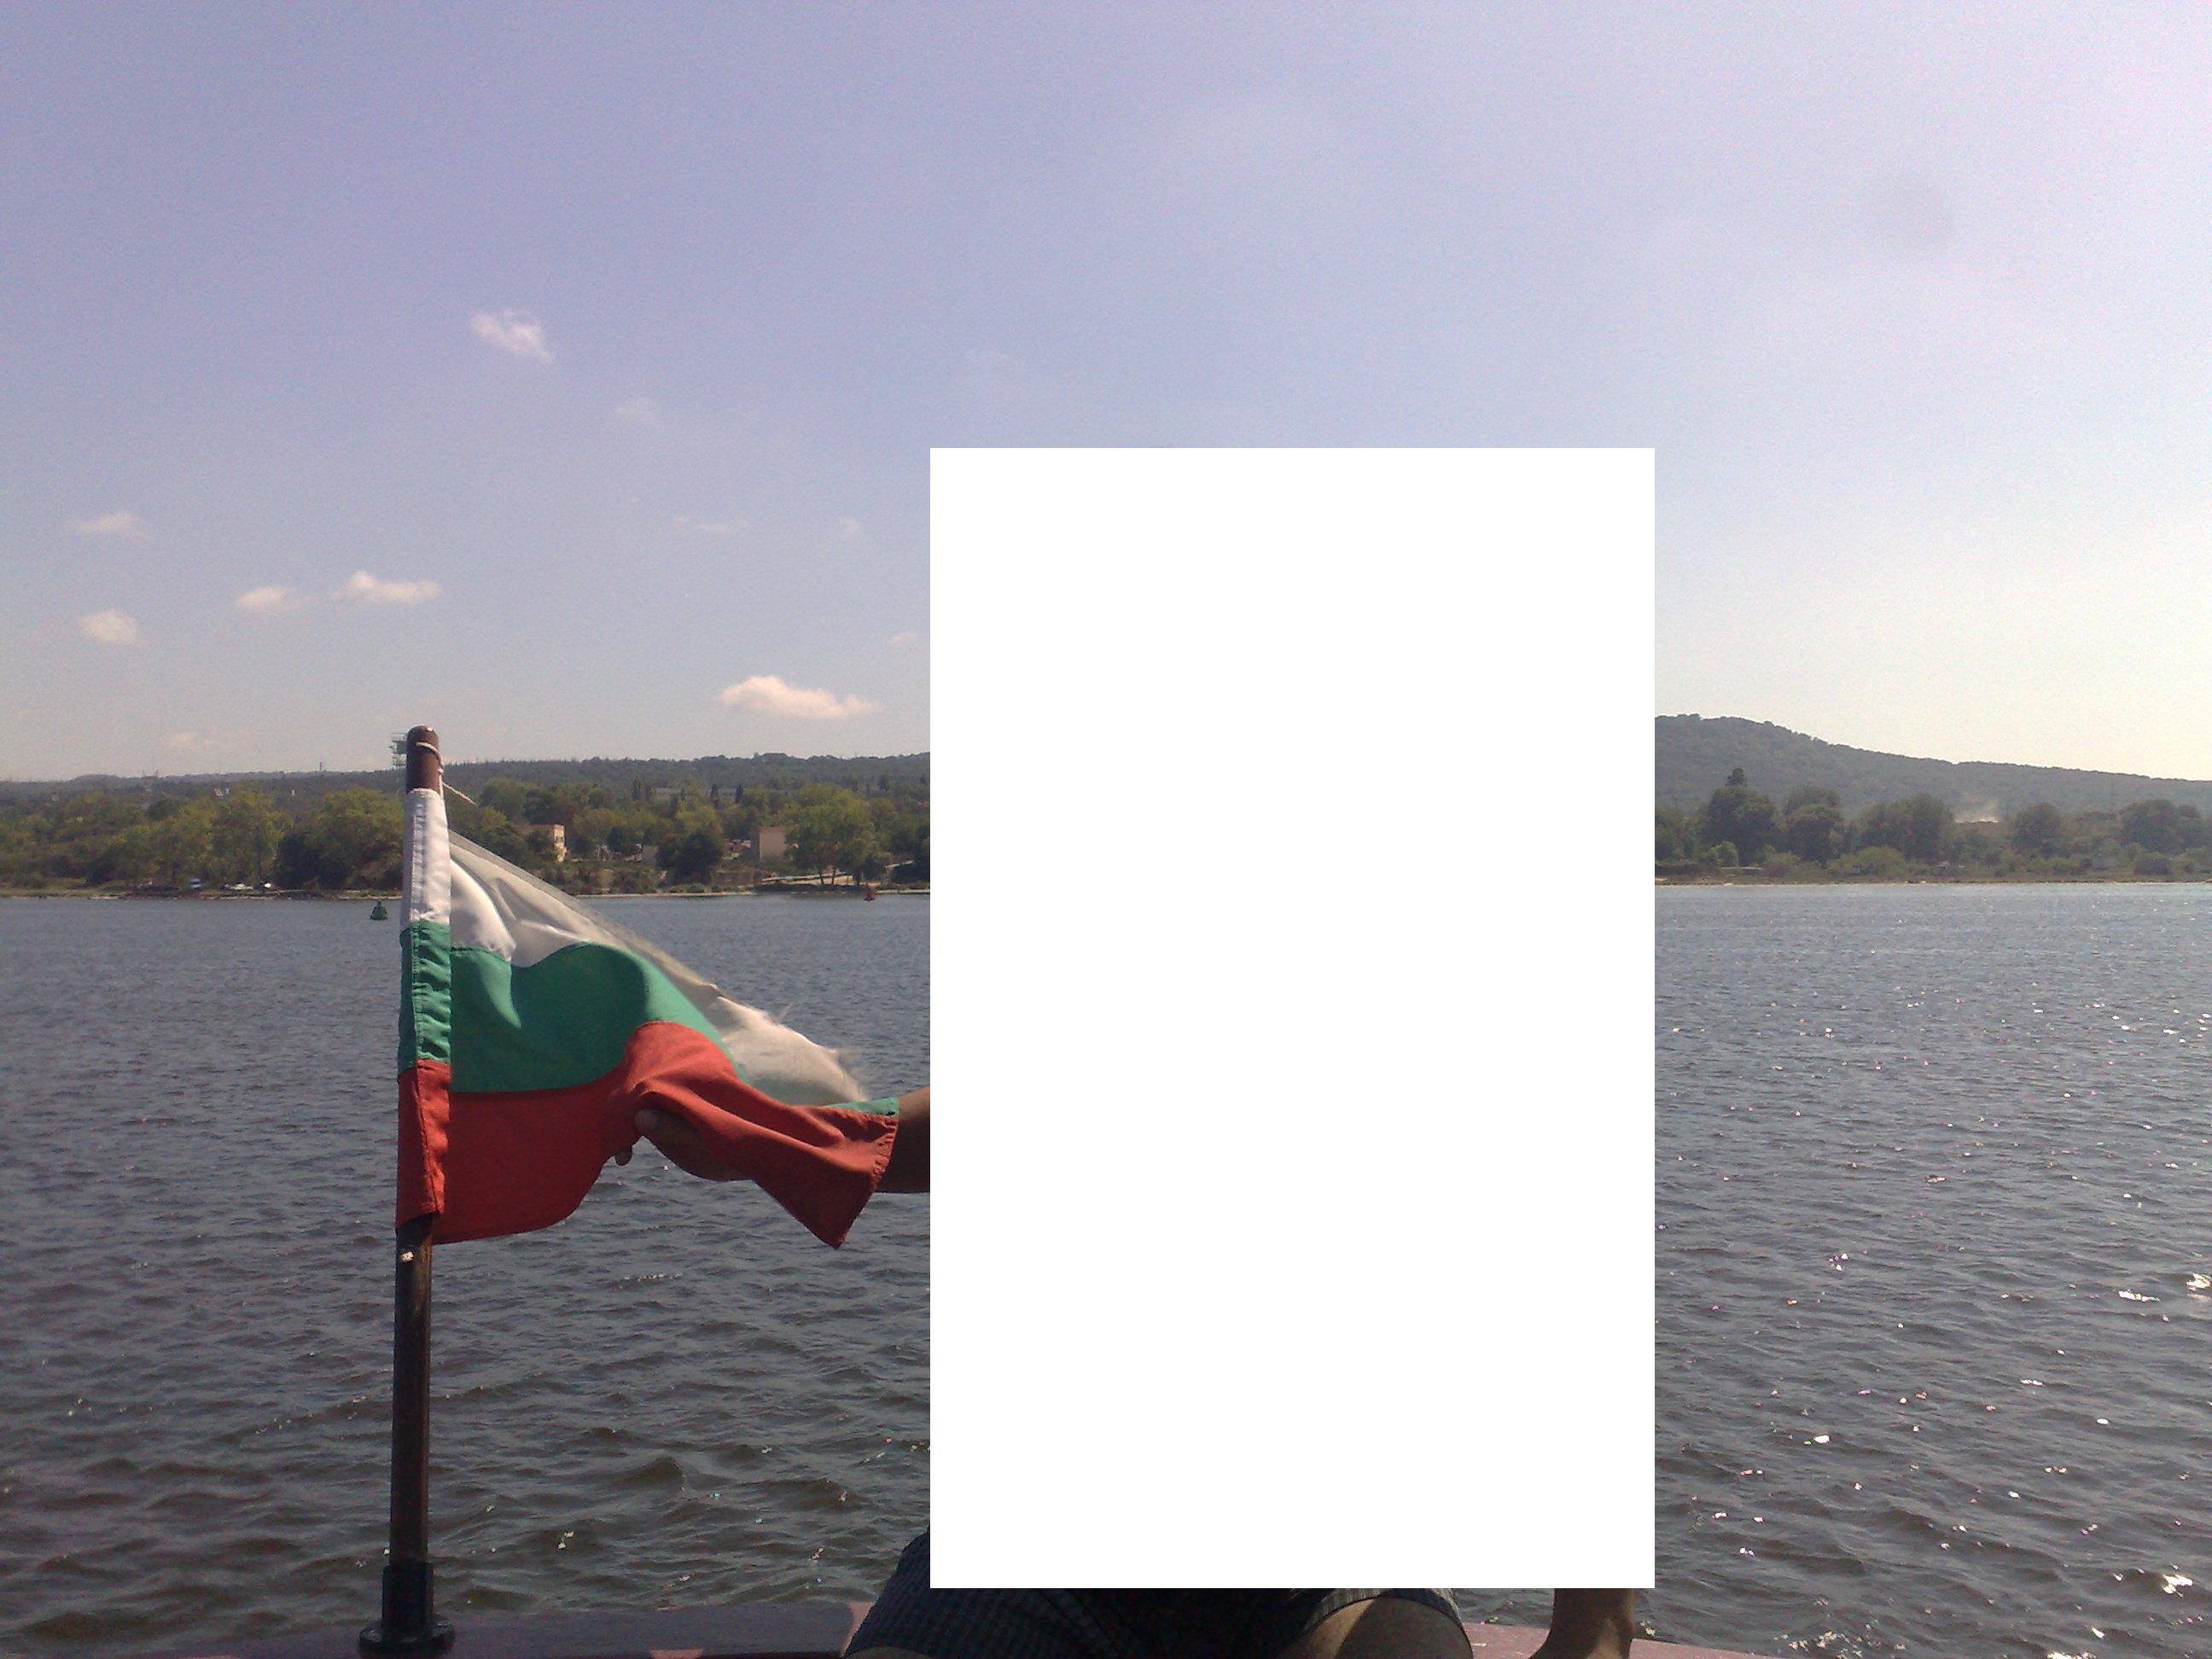 صوري من فارنا البلغاريه